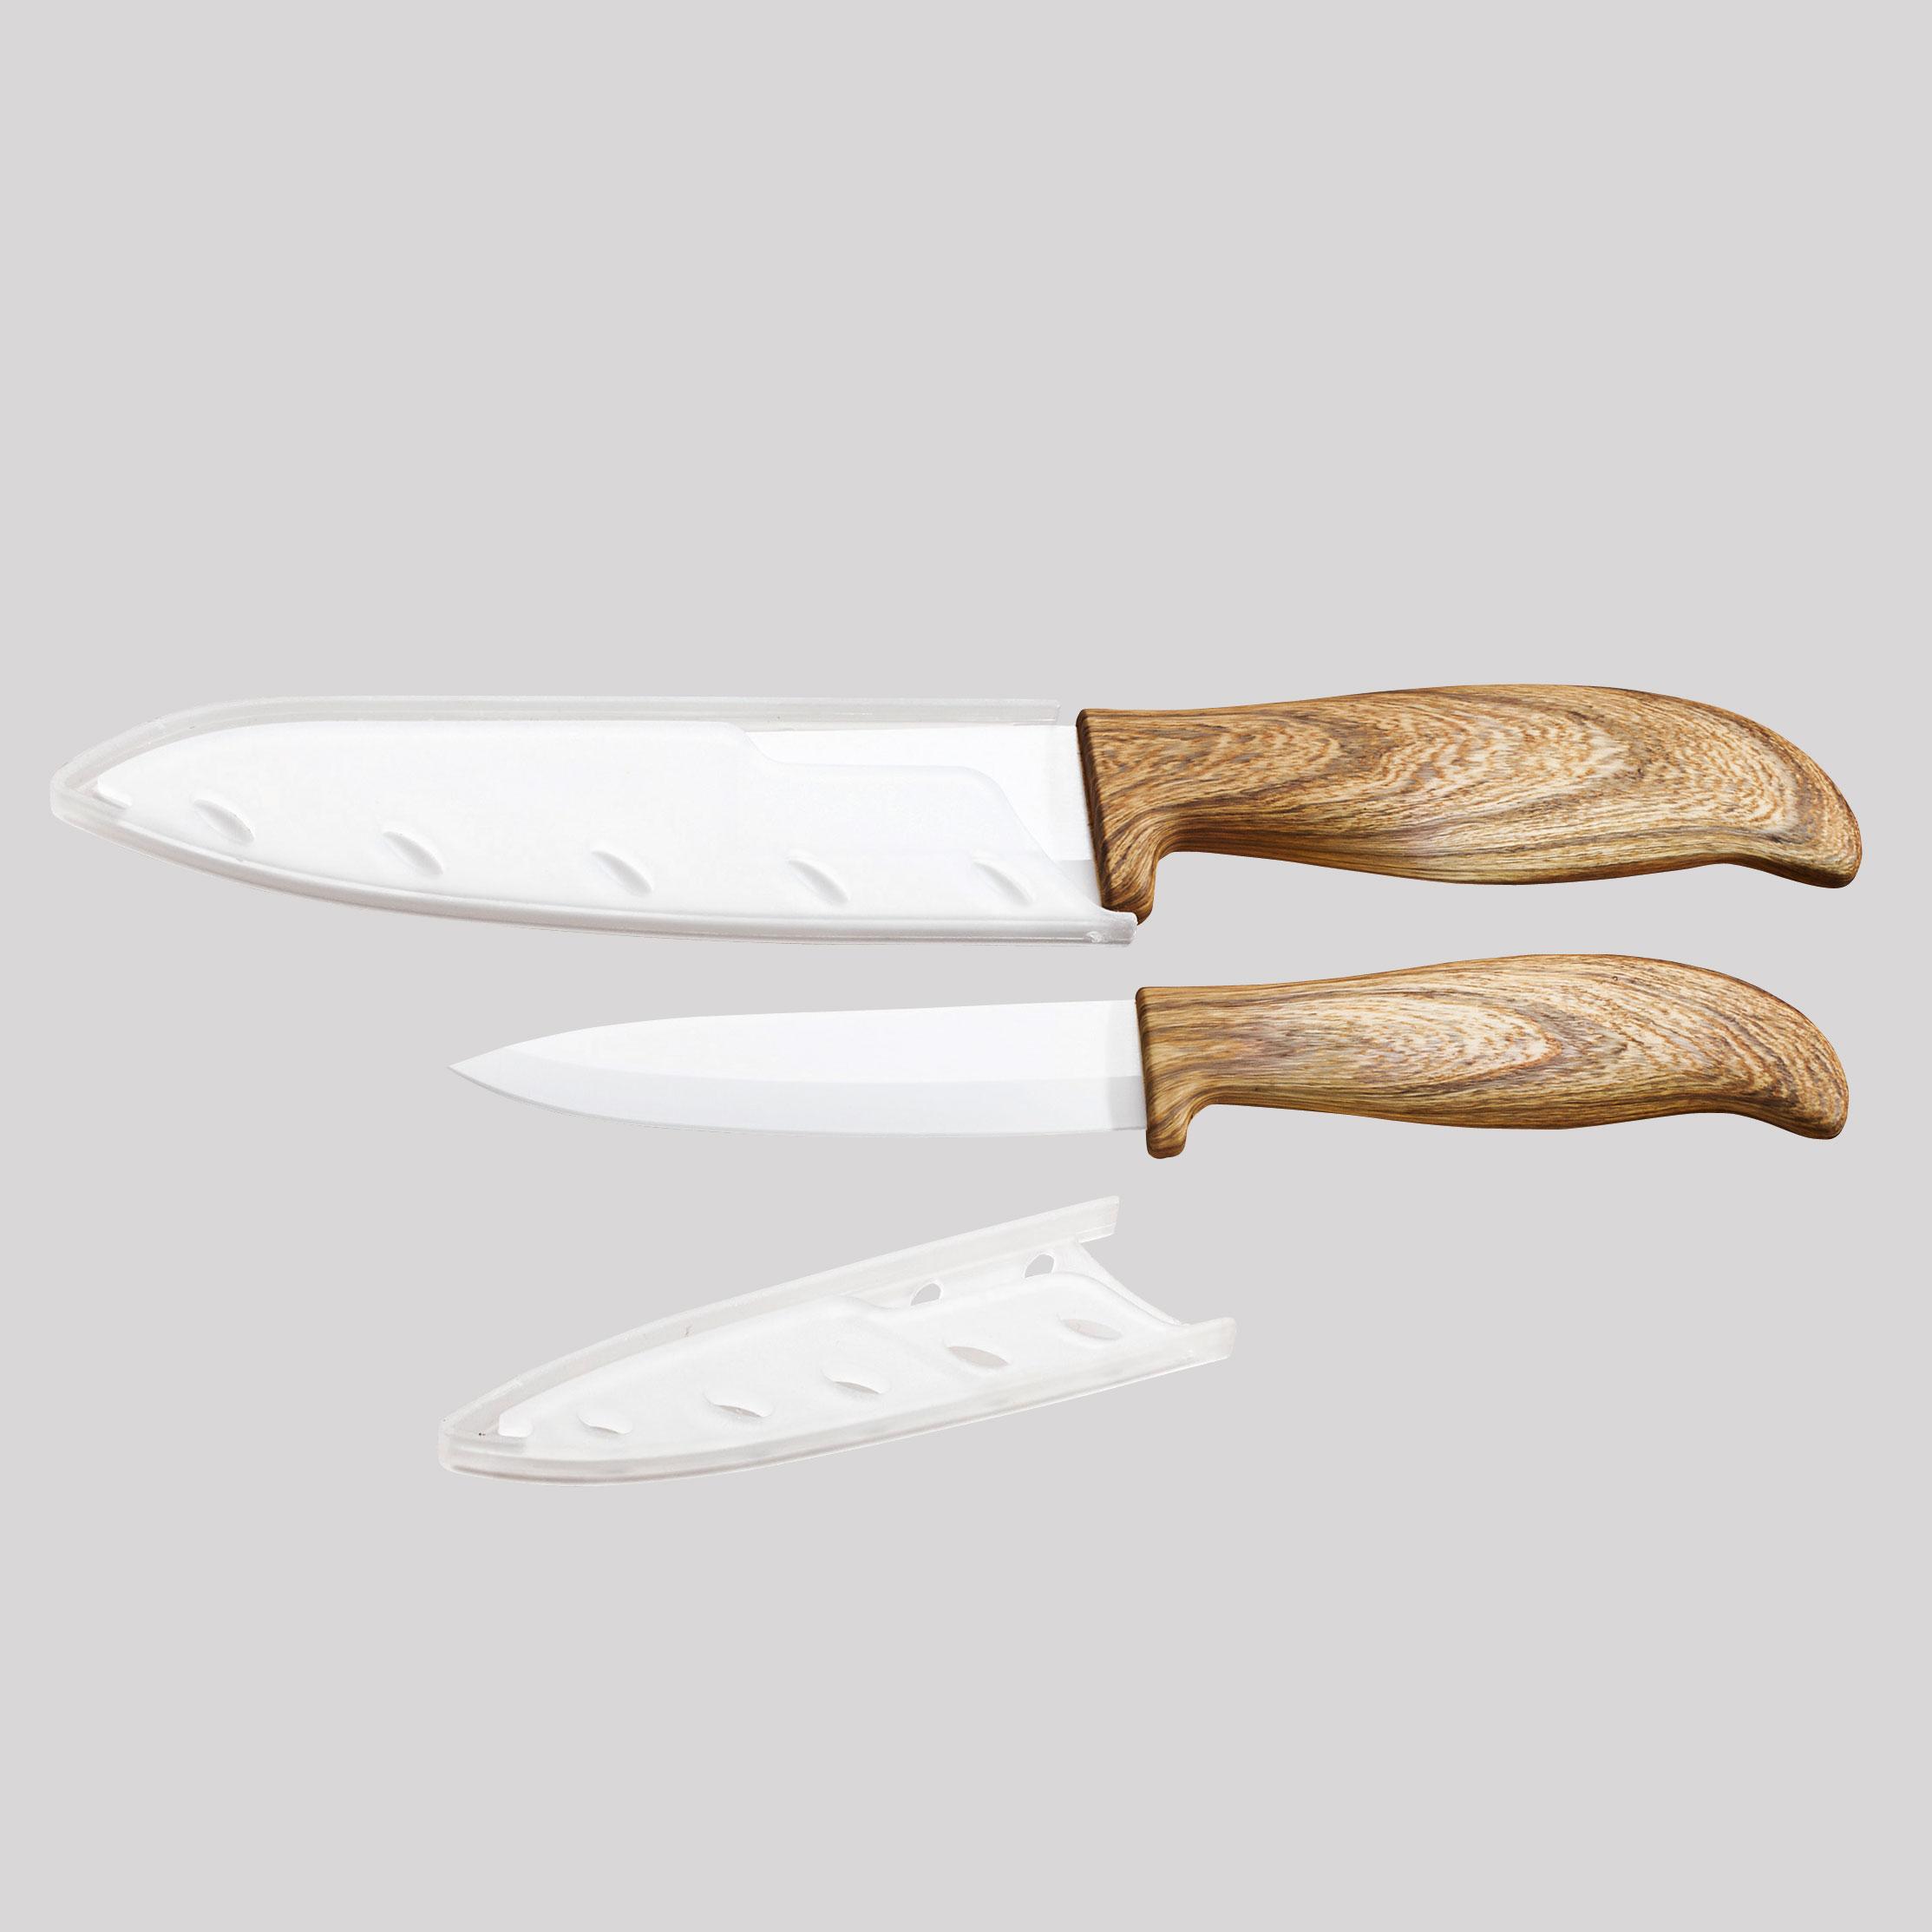 commander en toute simplicit set de couteaux c ramique aspect bois chez eurotops. Black Bedroom Furniture Sets. Home Design Ideas